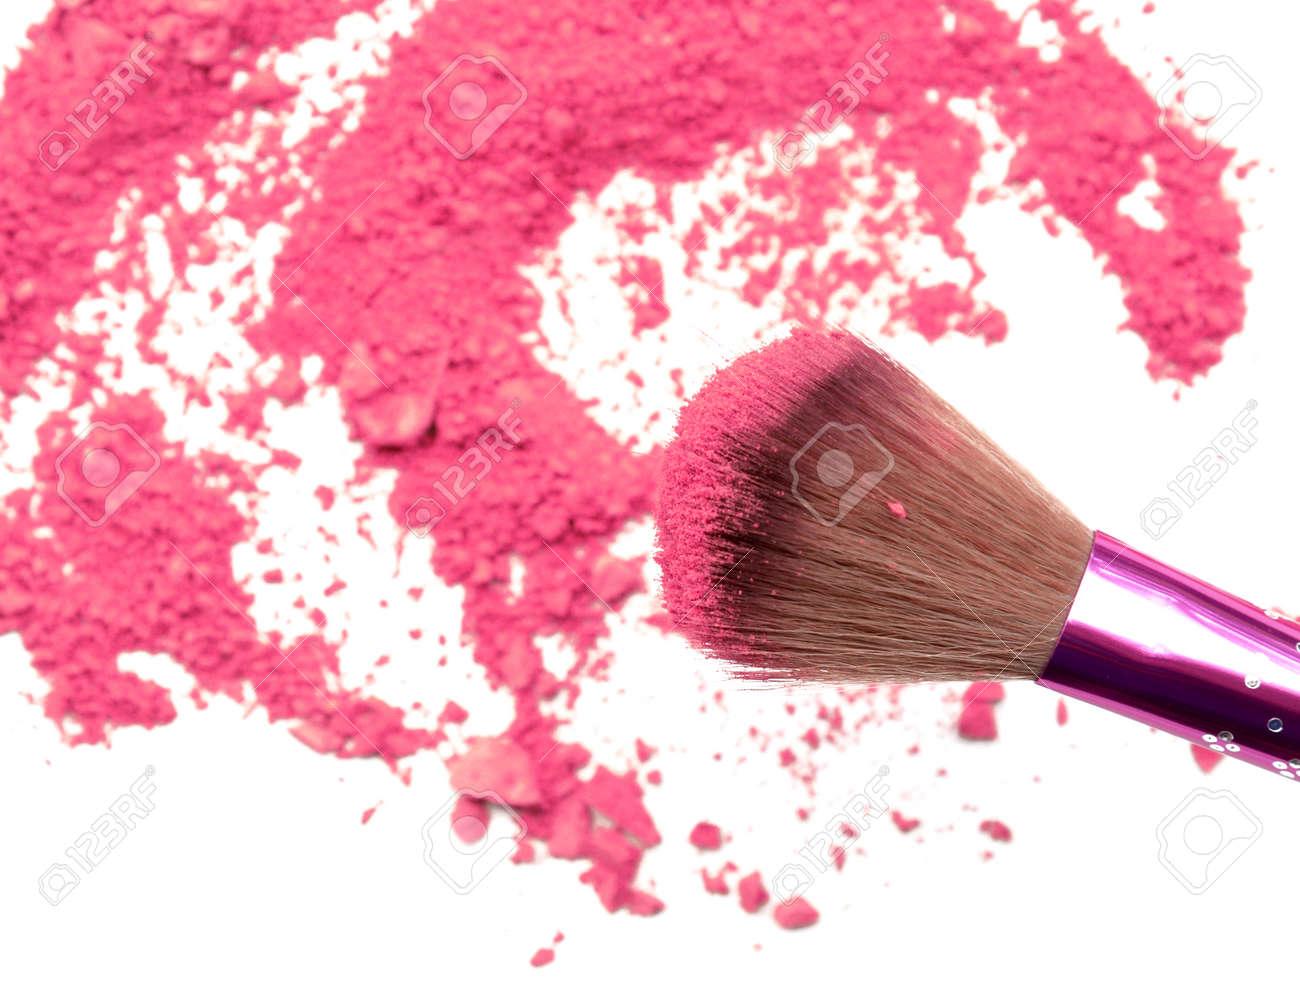 Professional make-up brush on rainbow crushed eyeshadow - 59380525